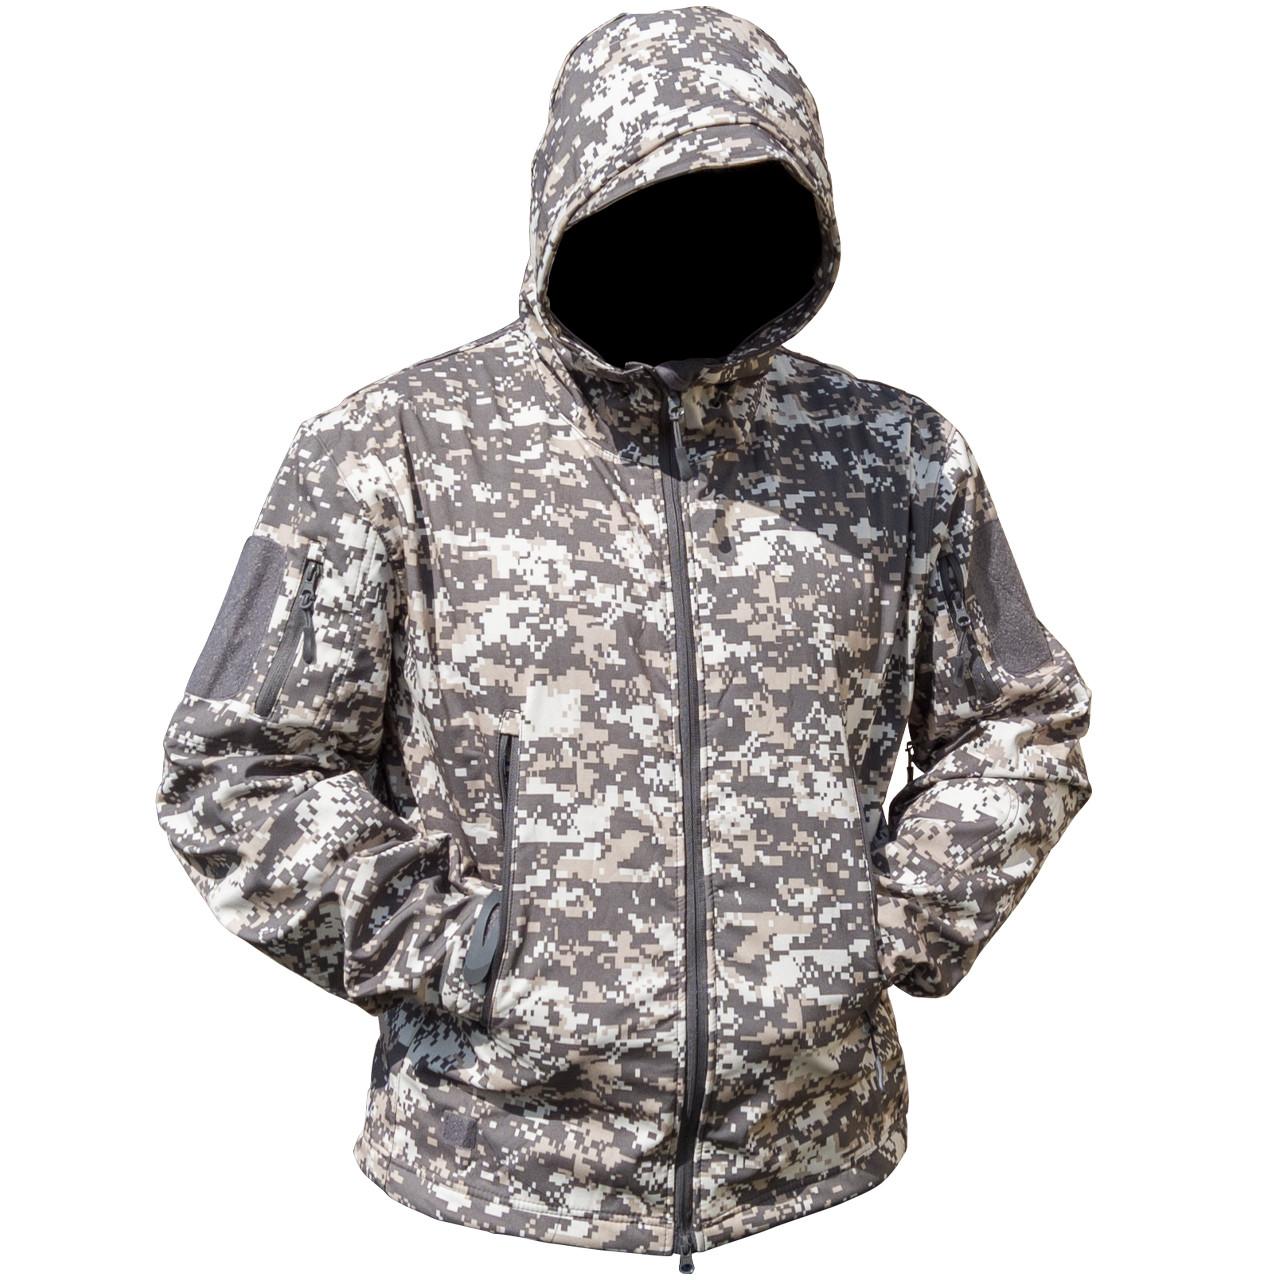 Тактическая куртка Soft Shell ESDY A001 Pixel XL мужская влагозащищенная ветрозащитная ветровка камуфляж